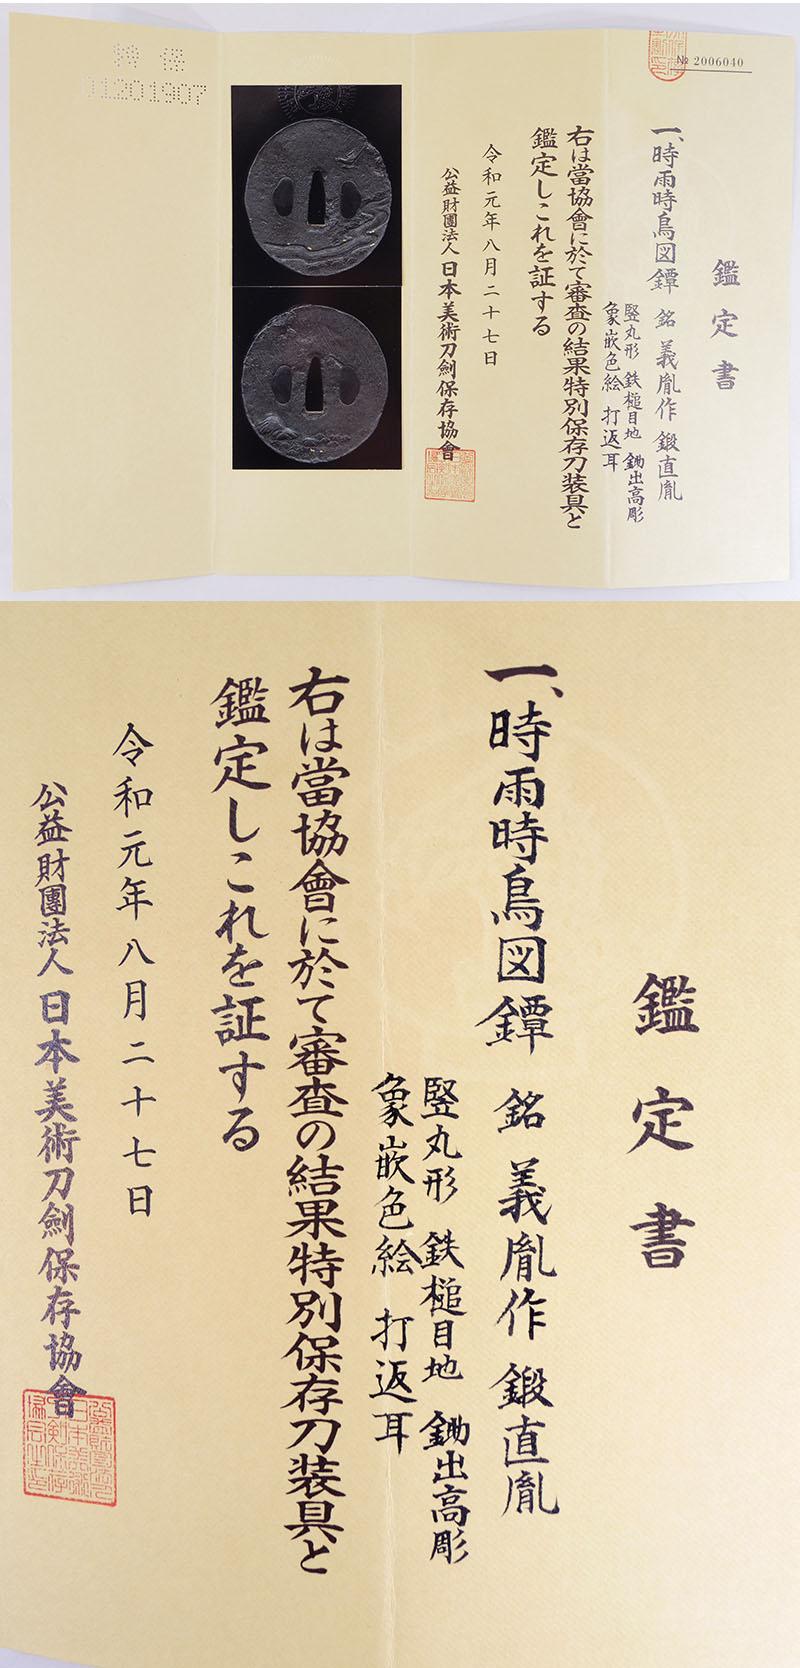 時雨時鳥図鍔 義胤作 鍛直胤 (鍛大慶直胤 本荘義胤作) Picture of Certificate